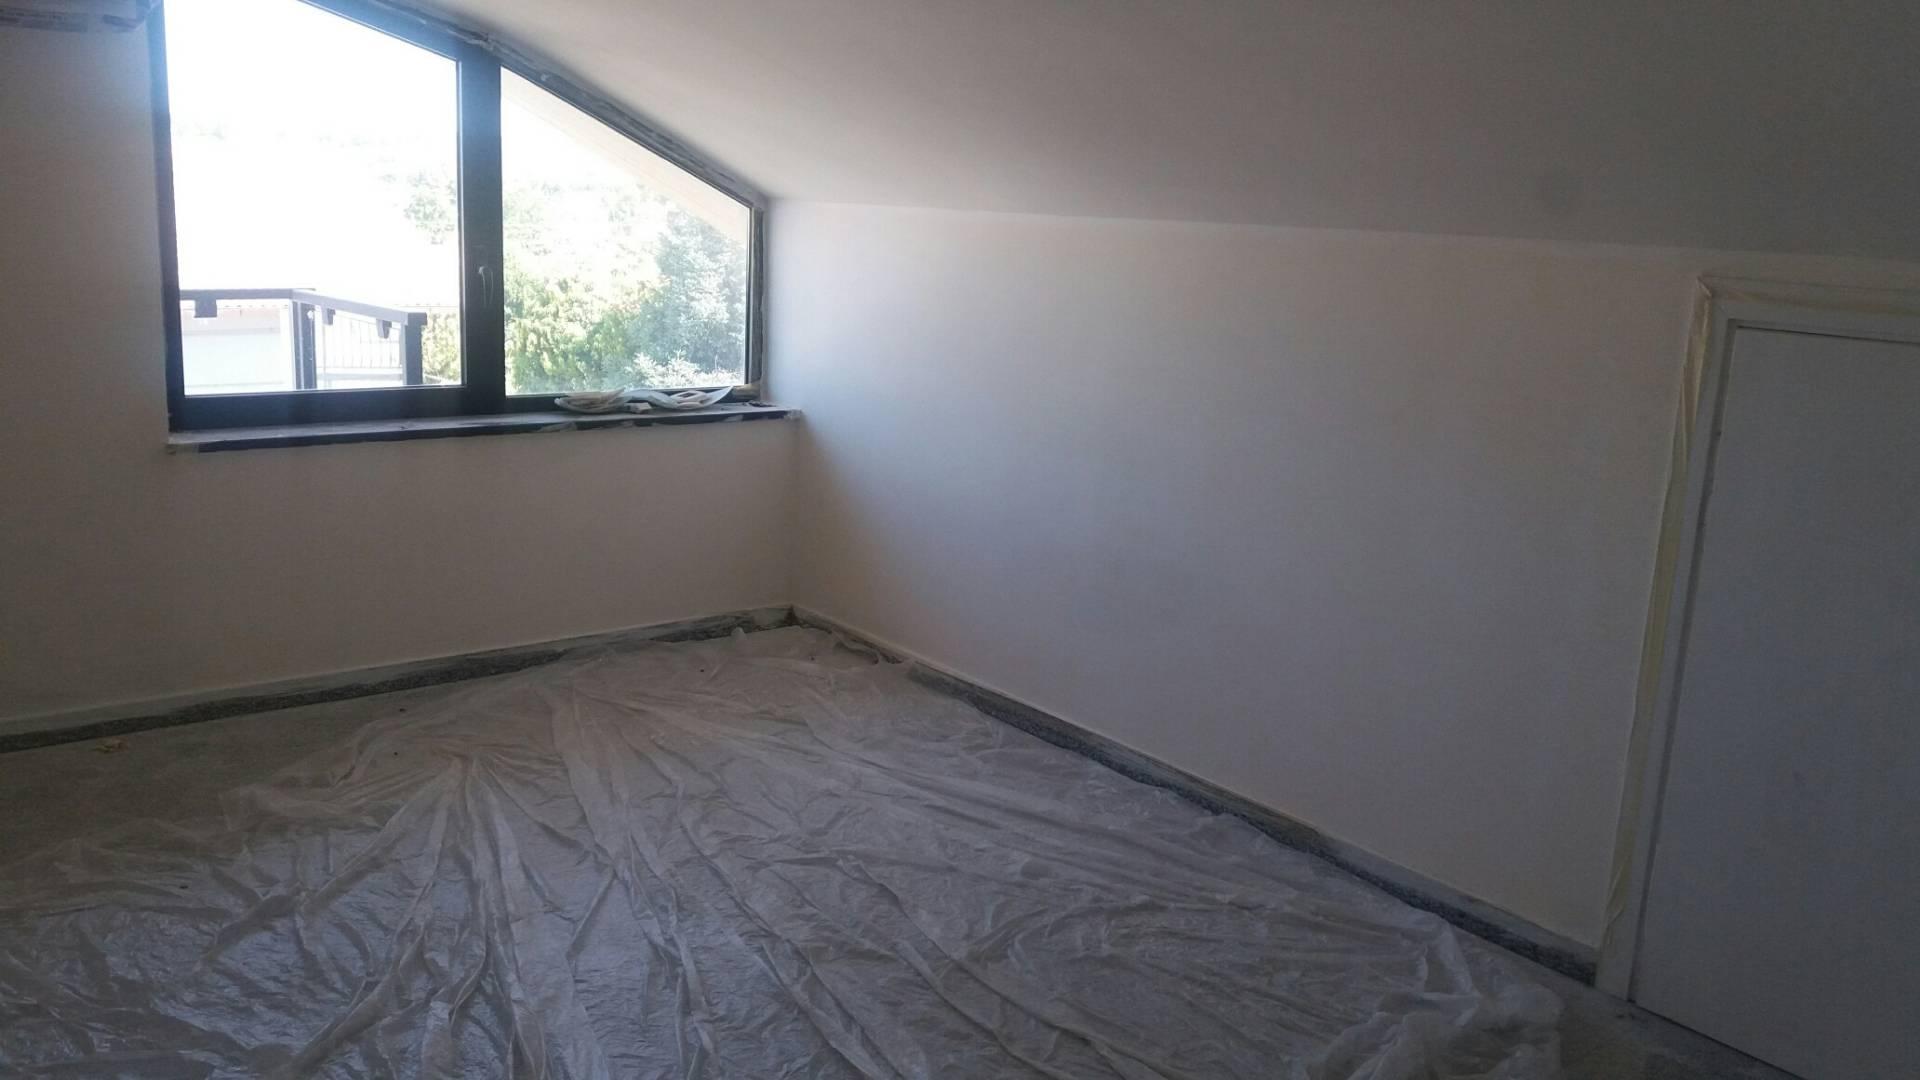 Attico / Mansarda in affitto a Chieti, 3 locali, zona Zona: Brecciarola, prezzo € 300 | CambioCasa.it